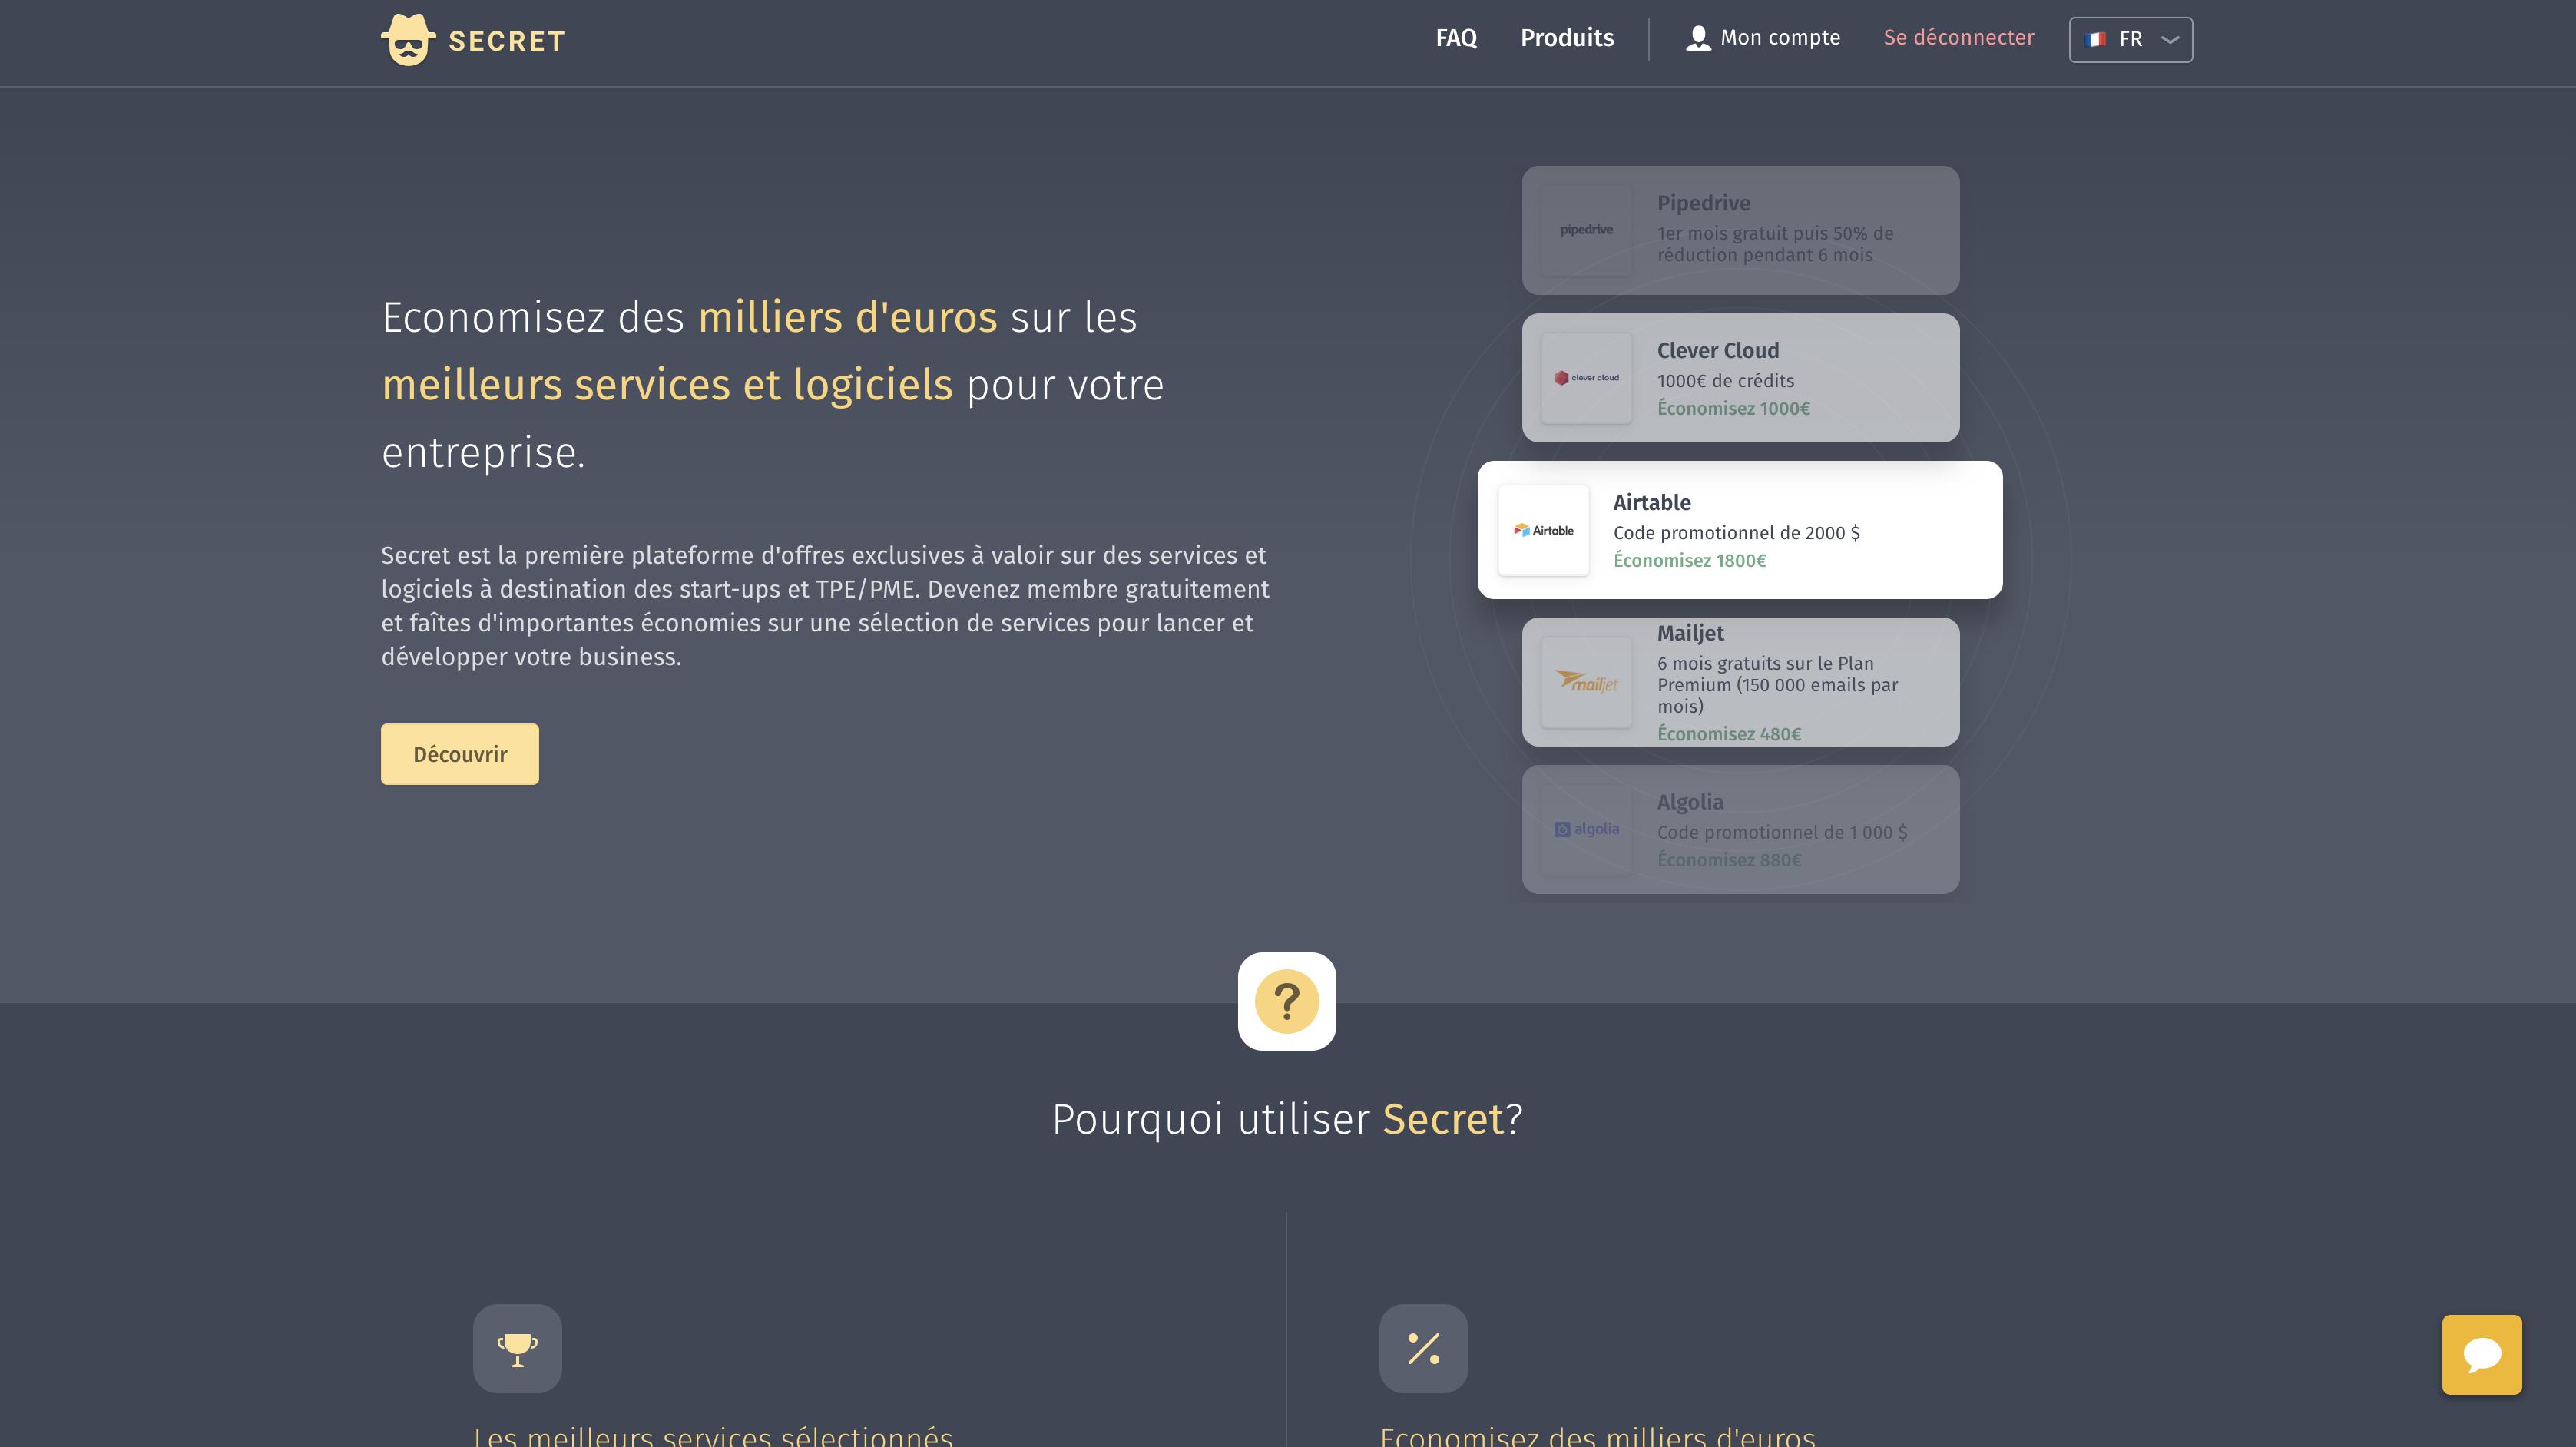 Freebe : Secret offre gratuitement des milliers d'euros d'économies sur les meilleurs logiciels